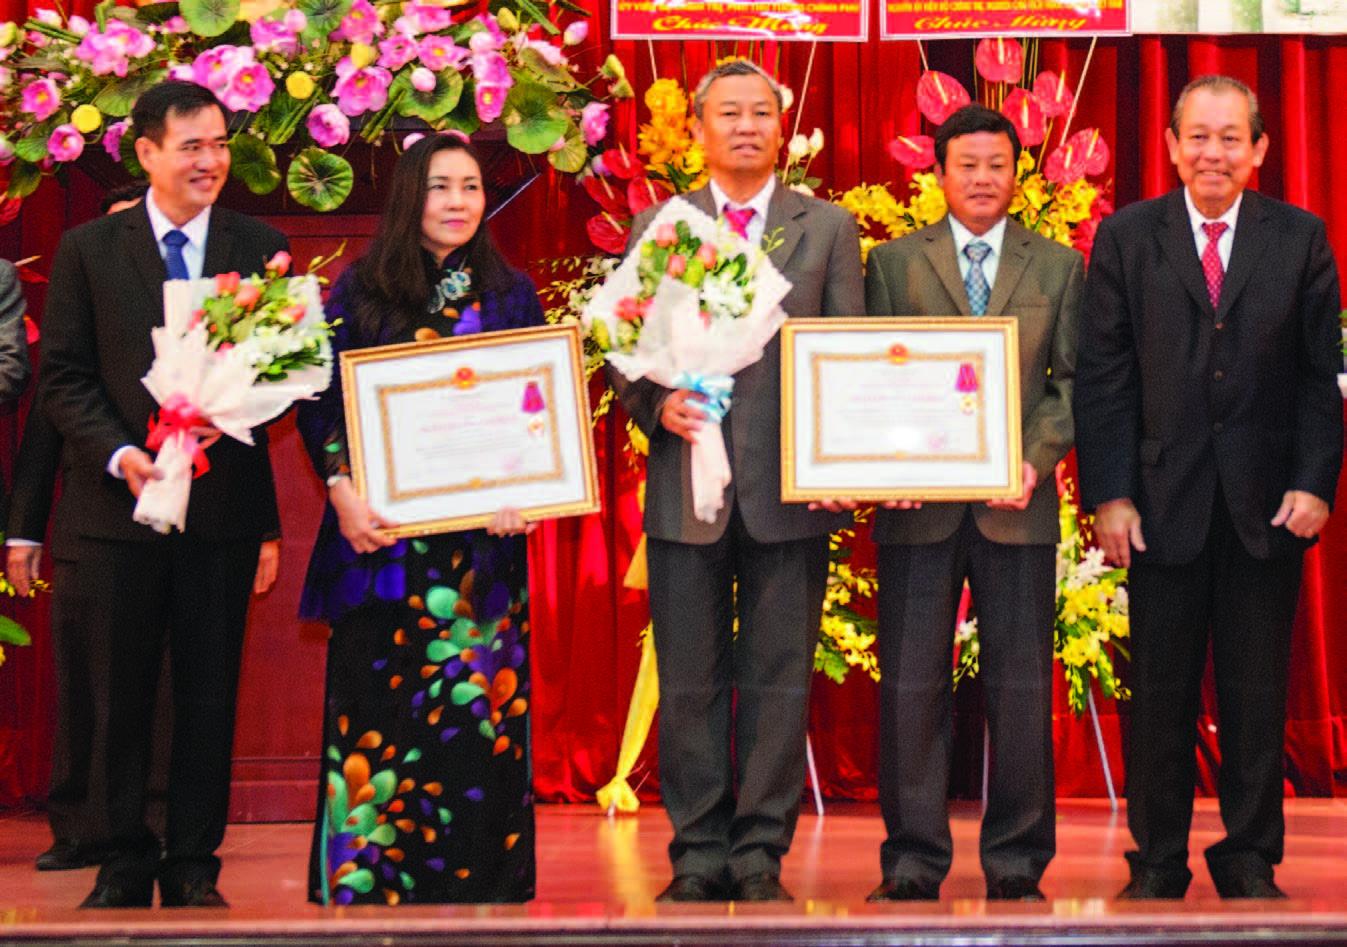 Phó Thủ tướng Chính phủ Trương Hòa Bình (bìa phải) trao Huân chương Lao động hạng Nhất cho lãnh đạo Tạp chí Cao su VN (thứ 1 và 2 bên trái) tại Hội nghị Tổng kết SXKD VRG năm 2016. Ảnh: Tùng Châu